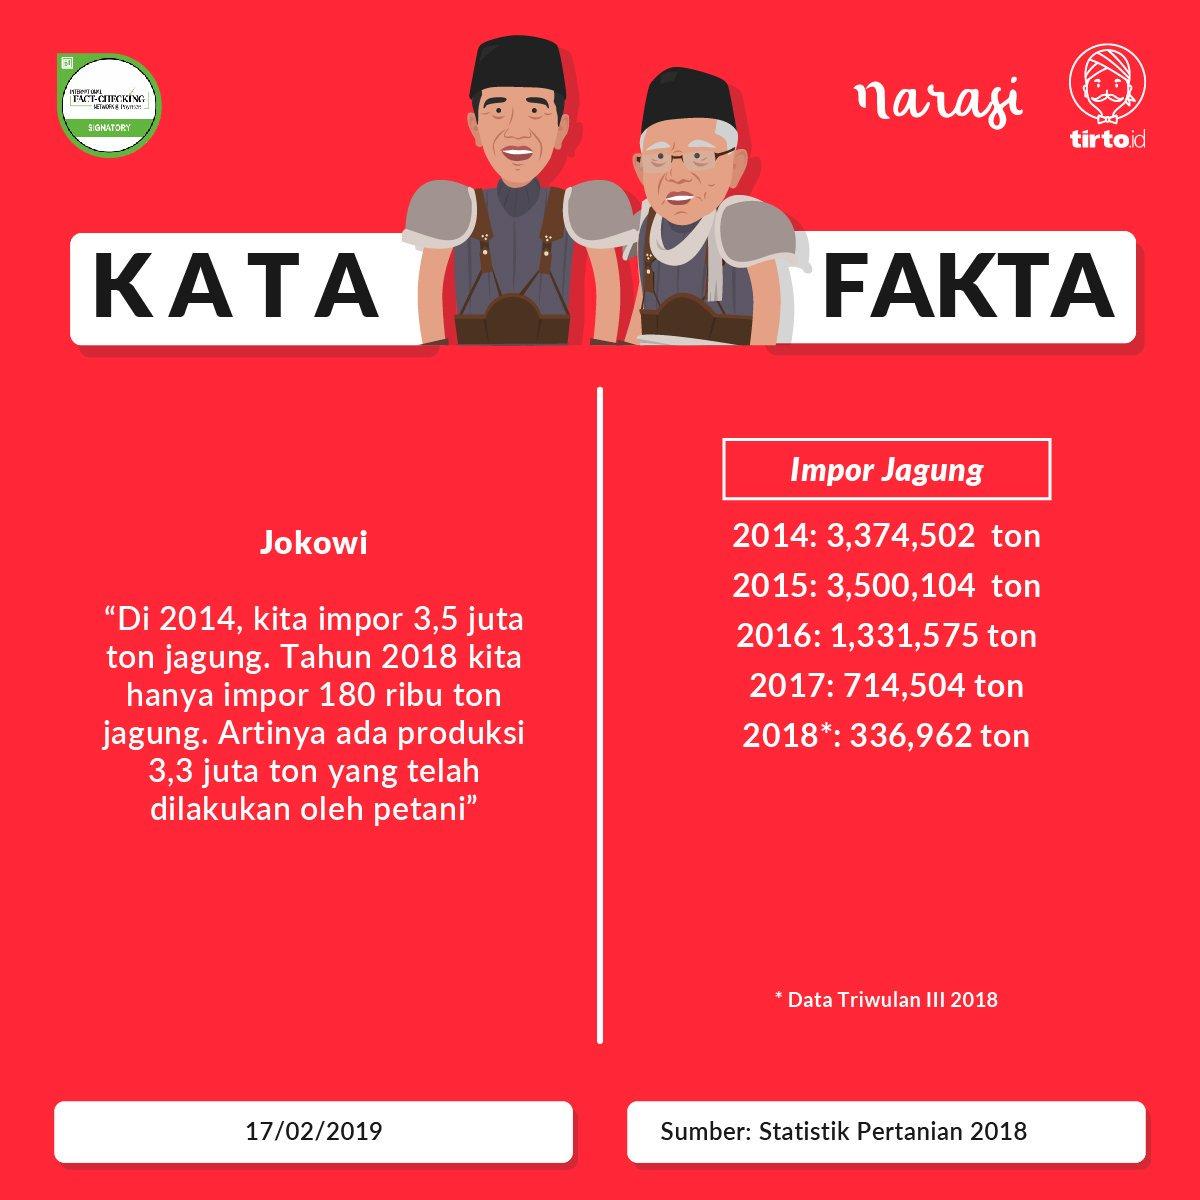 Soal Klaim Jokowi Pangkas Impor Jagung, Datanya Berbeda dengan BPS